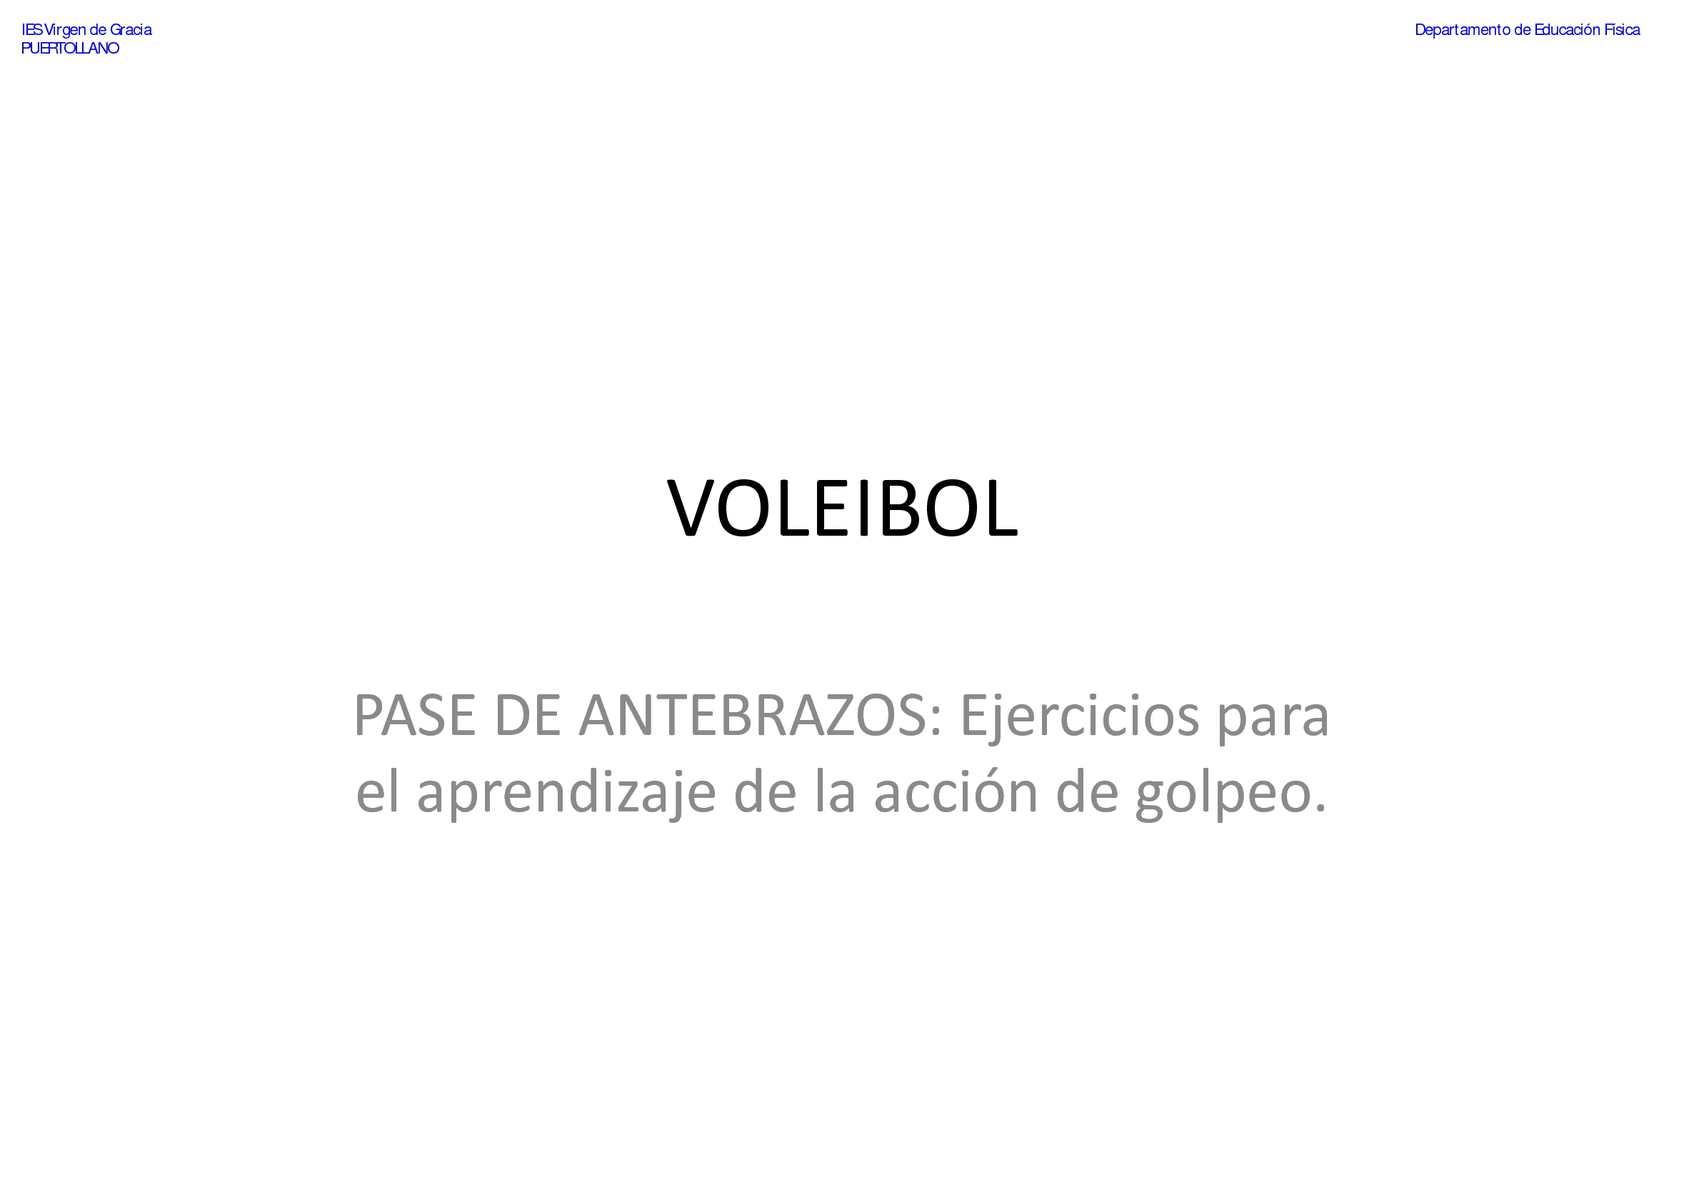 VOLEIBOL - Pase de Antebrazos - Ejercicios para el aprendizaje de la acción de golpeo